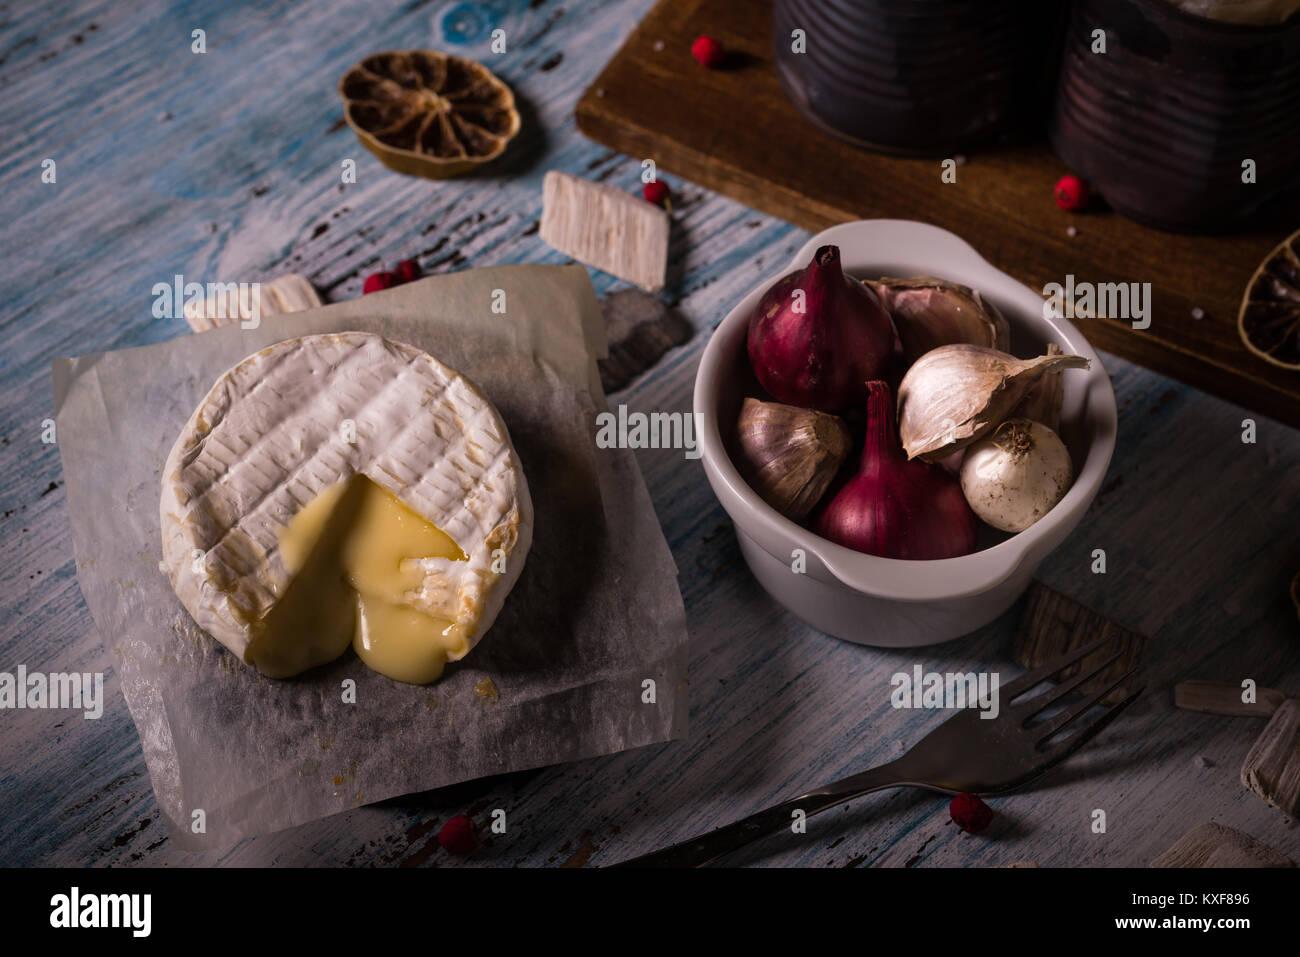 Photo horizontale de camembert fondu chaud sur feuille de papier avec la cuvette pleine d'ail et d'oignons Photo Stock